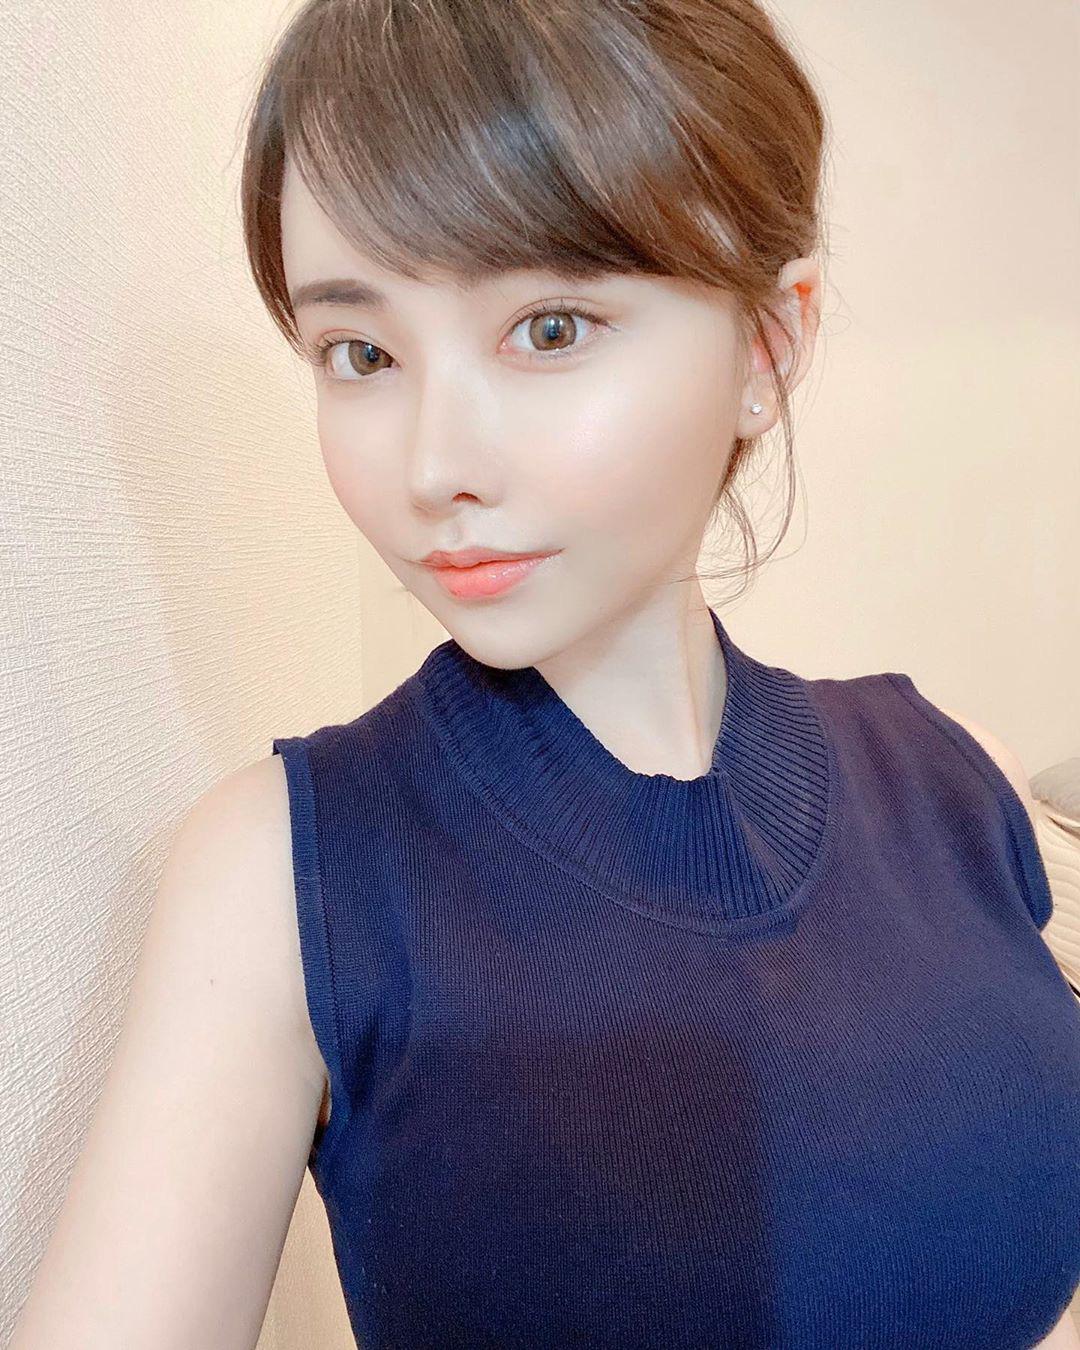 Eimi Fukada đối đầu Yua Mikami: Khi cuộc chiến không chỉ nằm trên kệ đĩa - Ảnh 4.